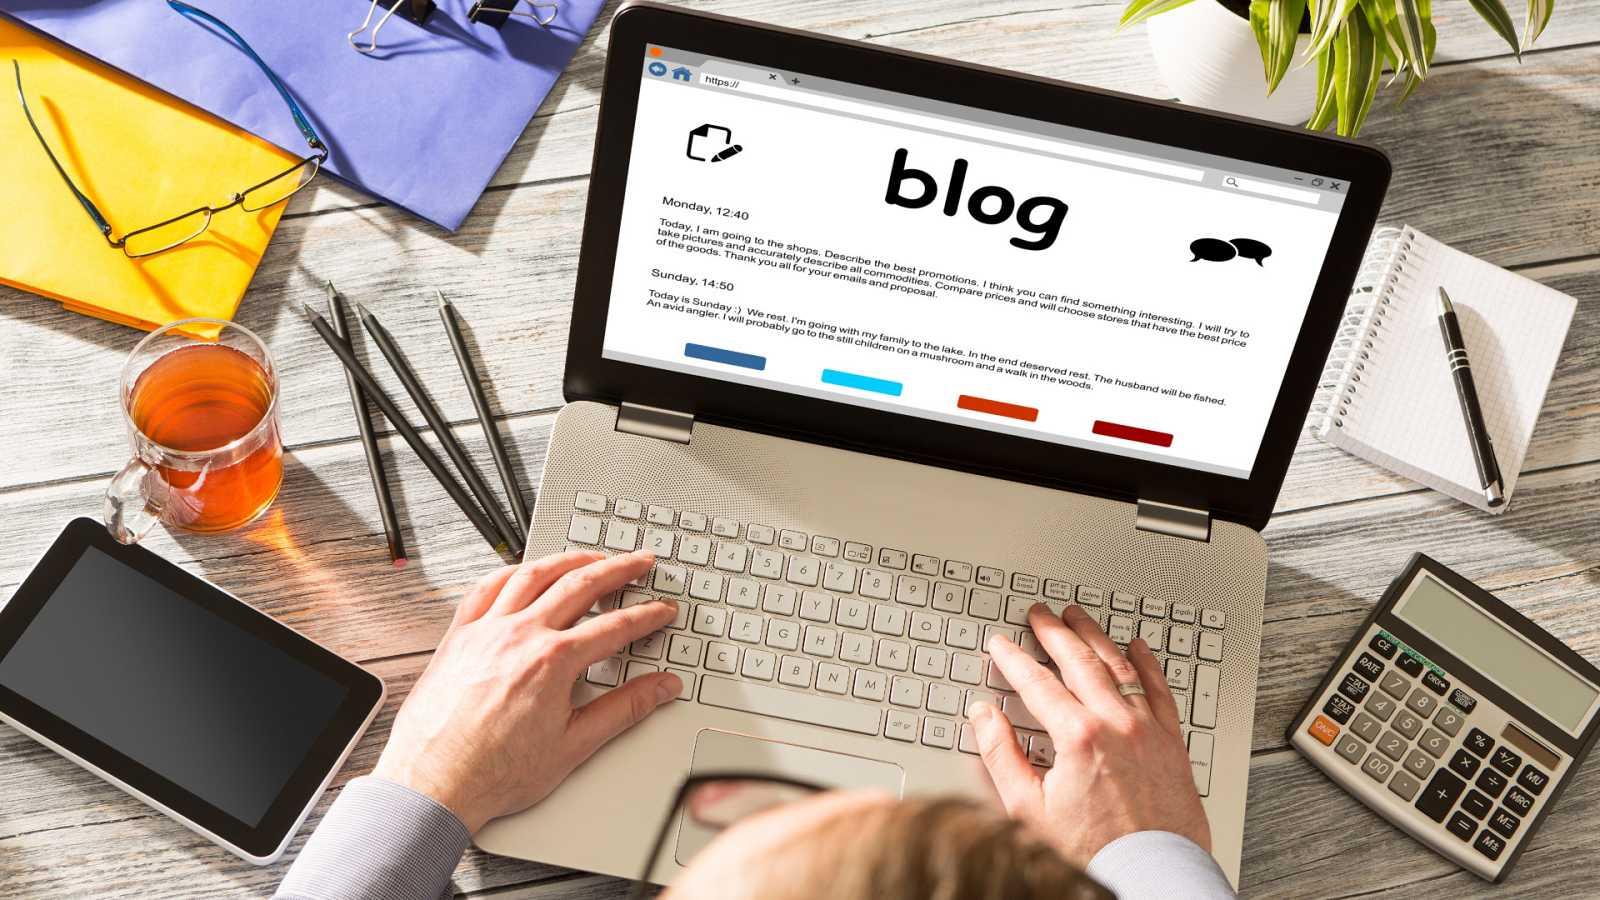 Creando que es gerundio - ¿Qué hay de mi blog? - 11/05/21 - Escuchar ahora